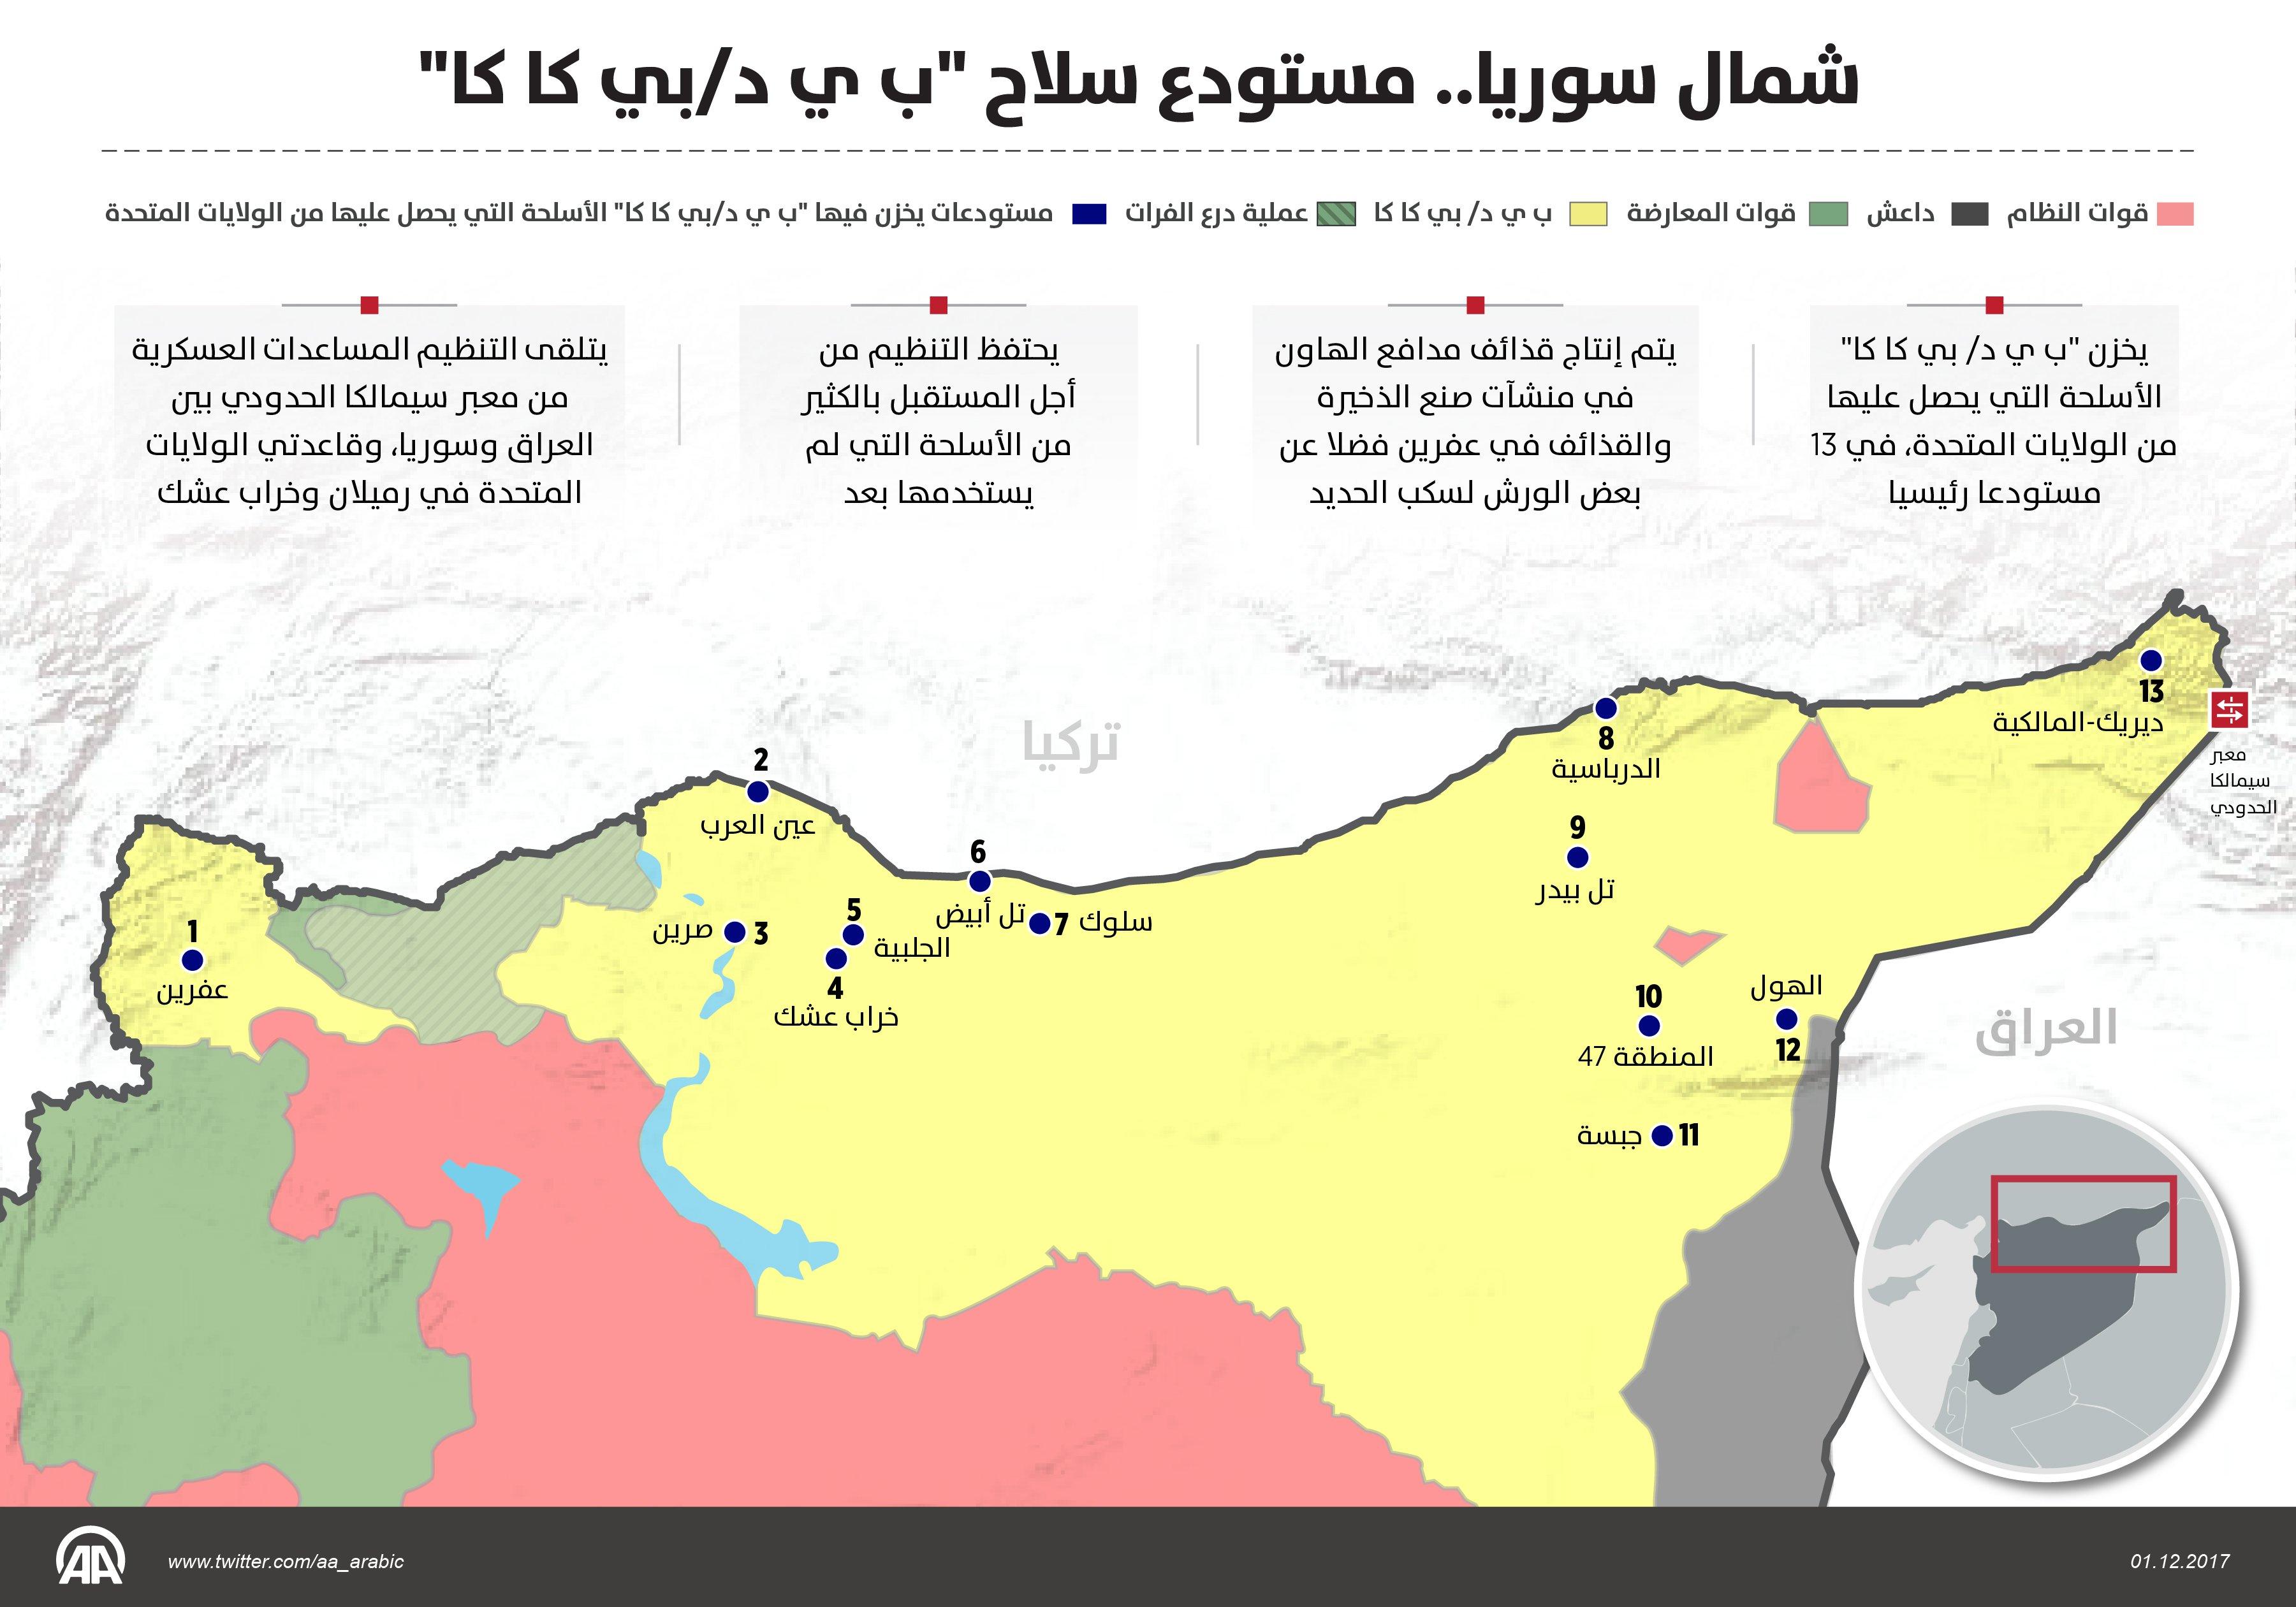 وكالة الأناضول تكشف عن مواقع تخزين الأسلحة الأمريكية للمليشات الكردية في سوريا